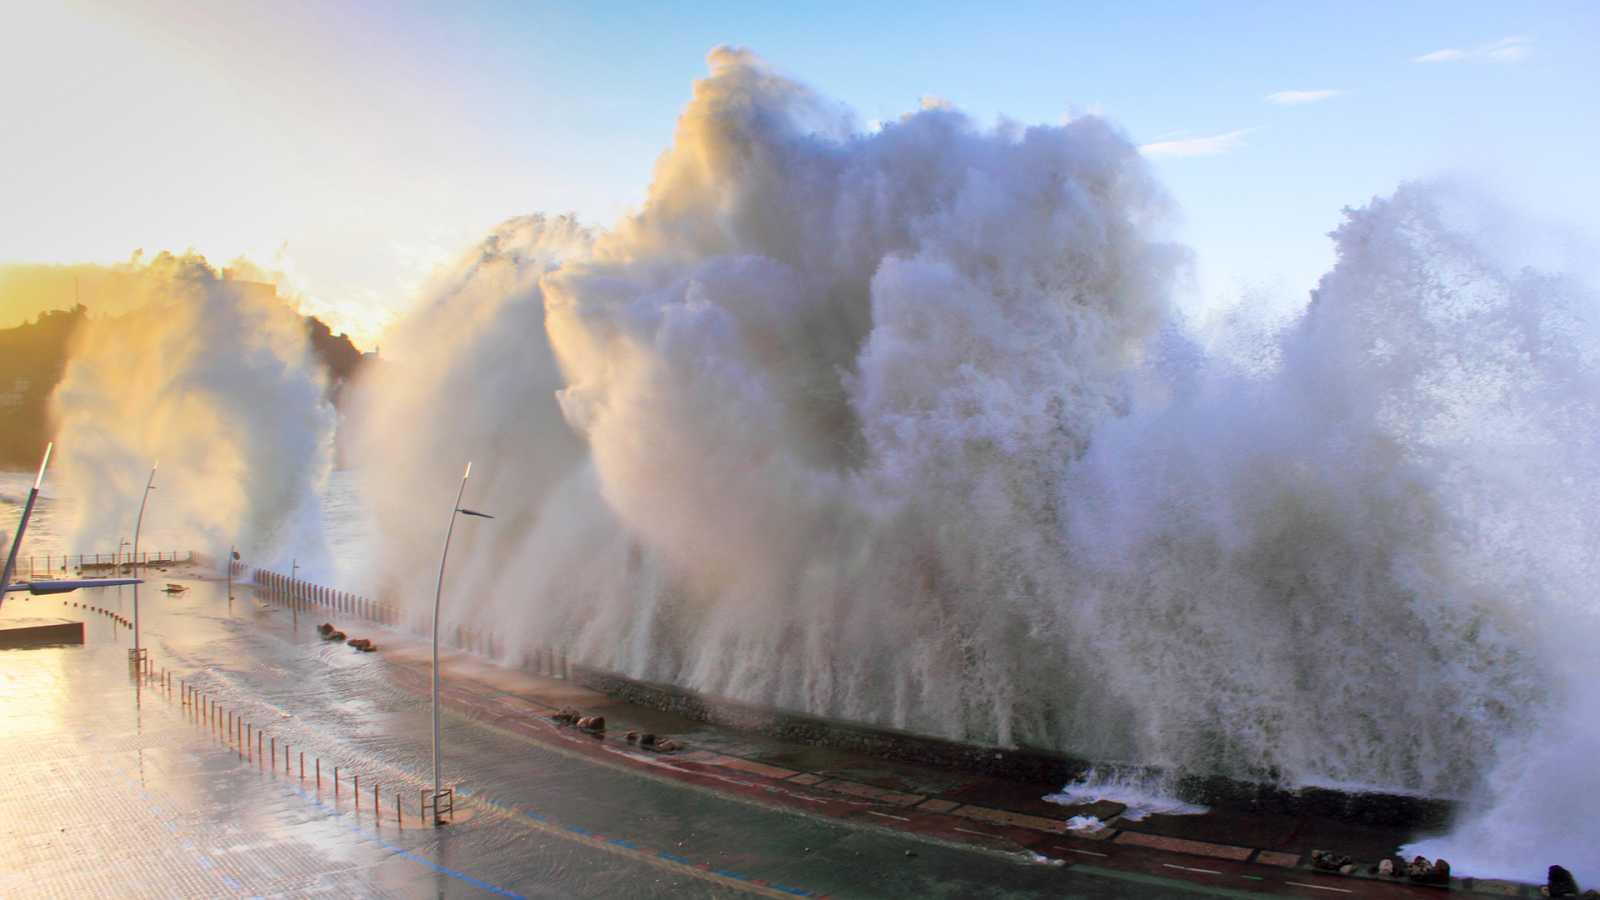 A golpe bit - Los peligros de tsunami en España - 27/04/21 - escuchar ahora